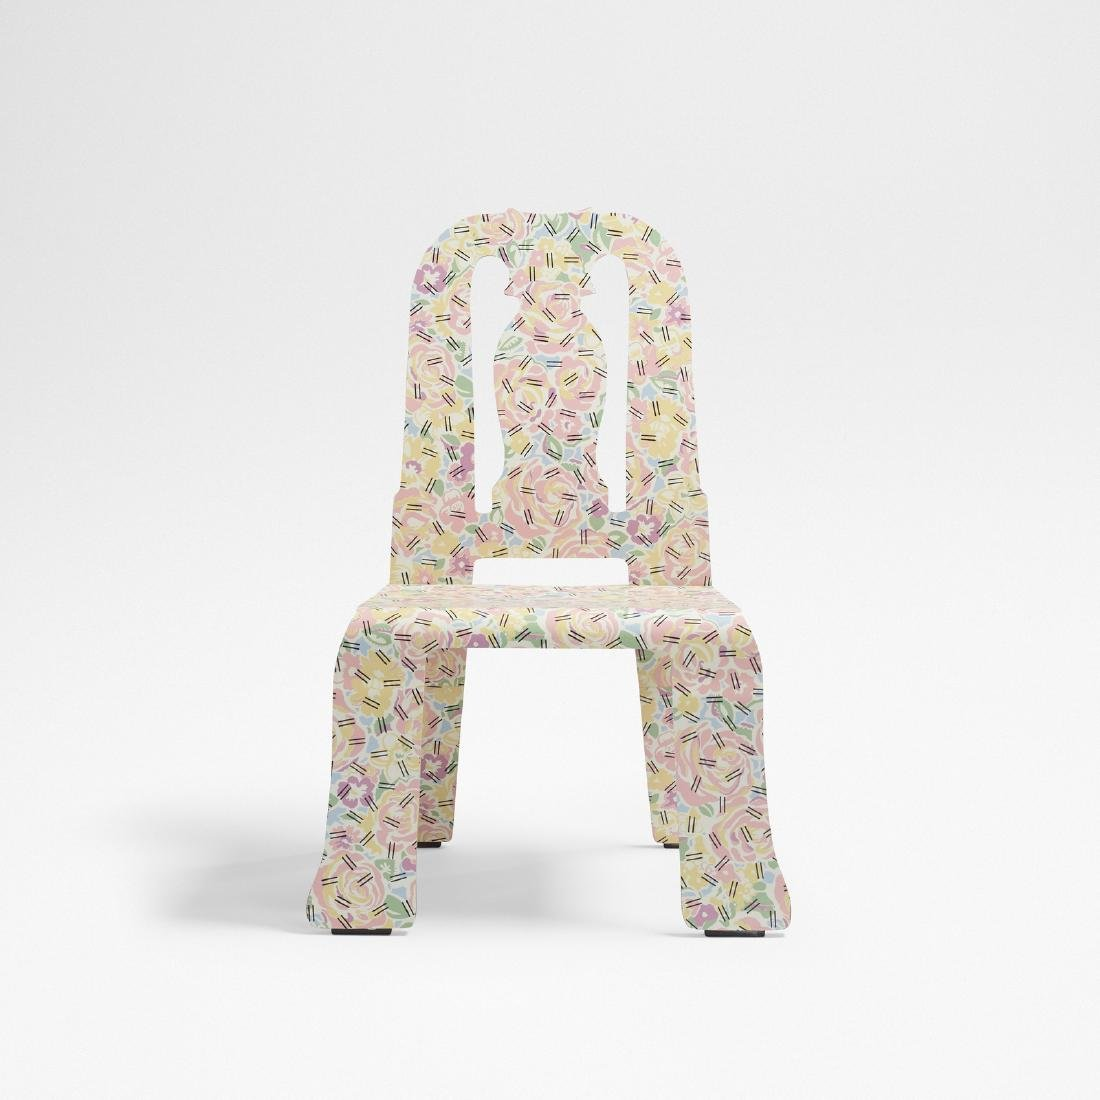 Venturi & Scott Brown, Queen Anne chair